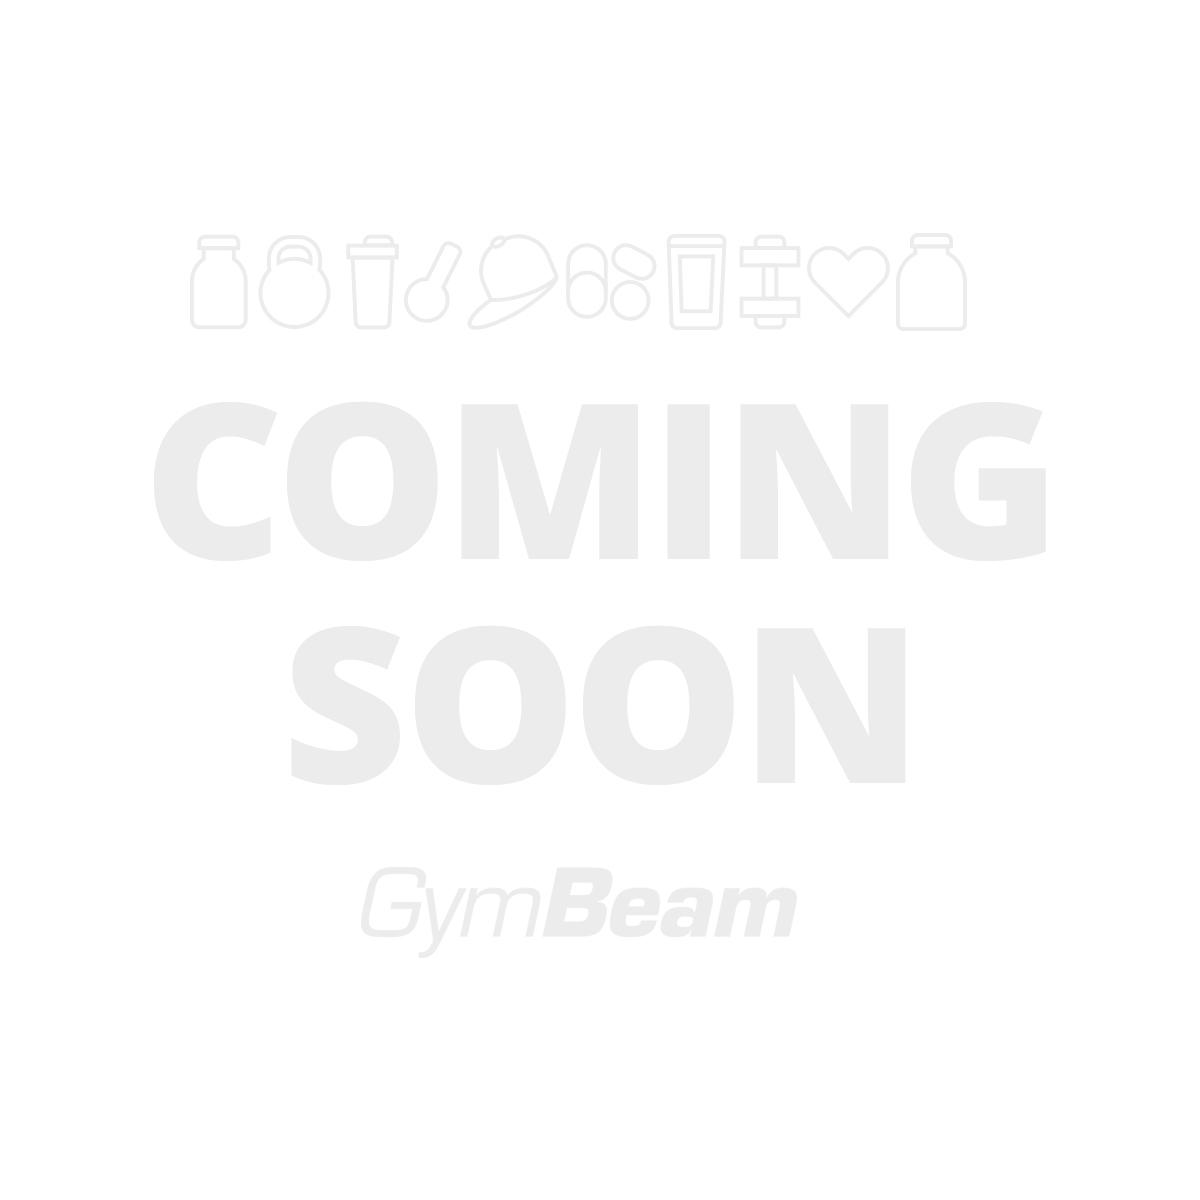 Creatina Pure Creatine - Weider